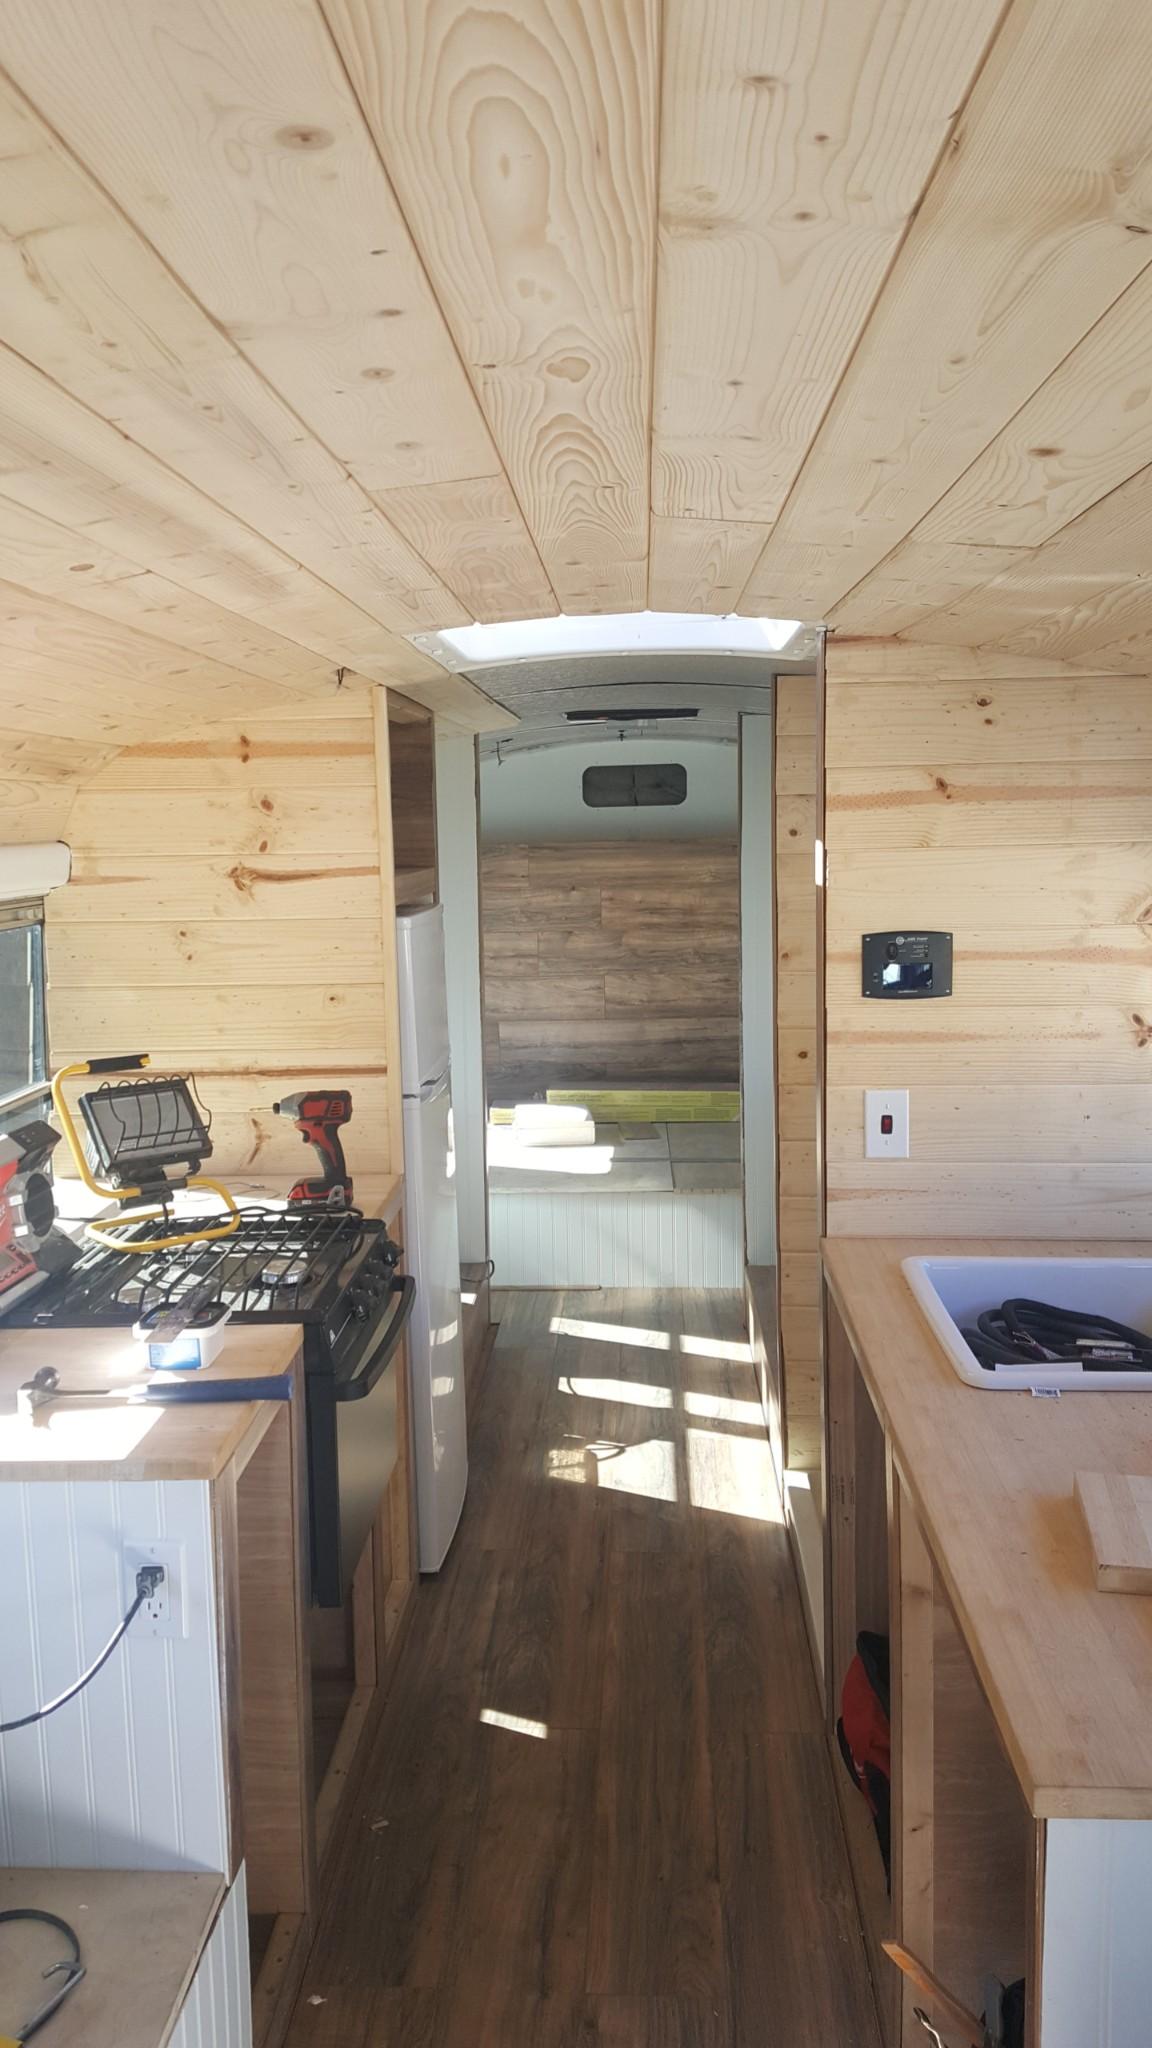 bus wood ceiling